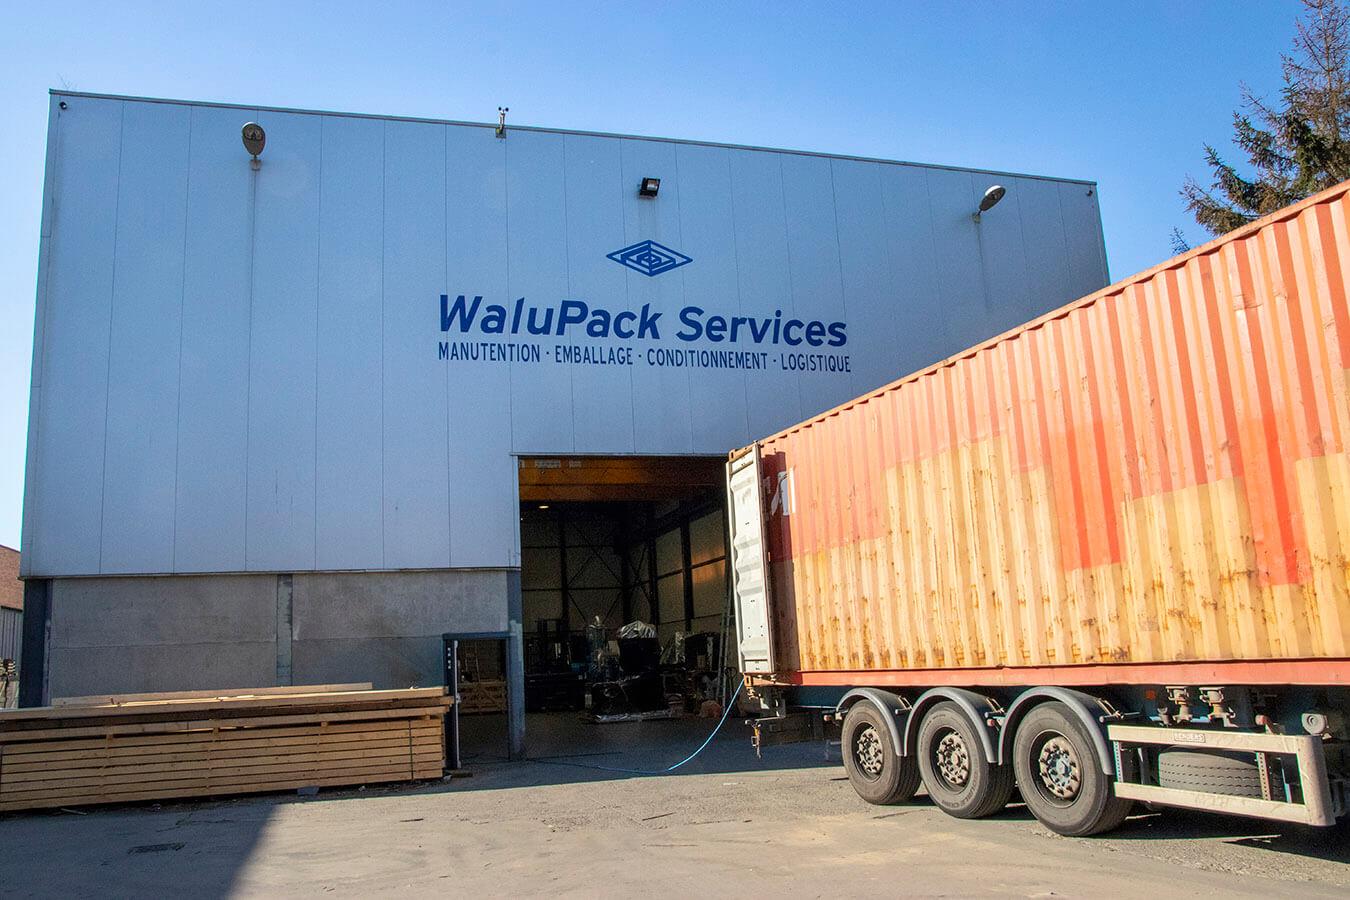 WaluPack Services vous offre une solution d'emballage complète sur-mesure